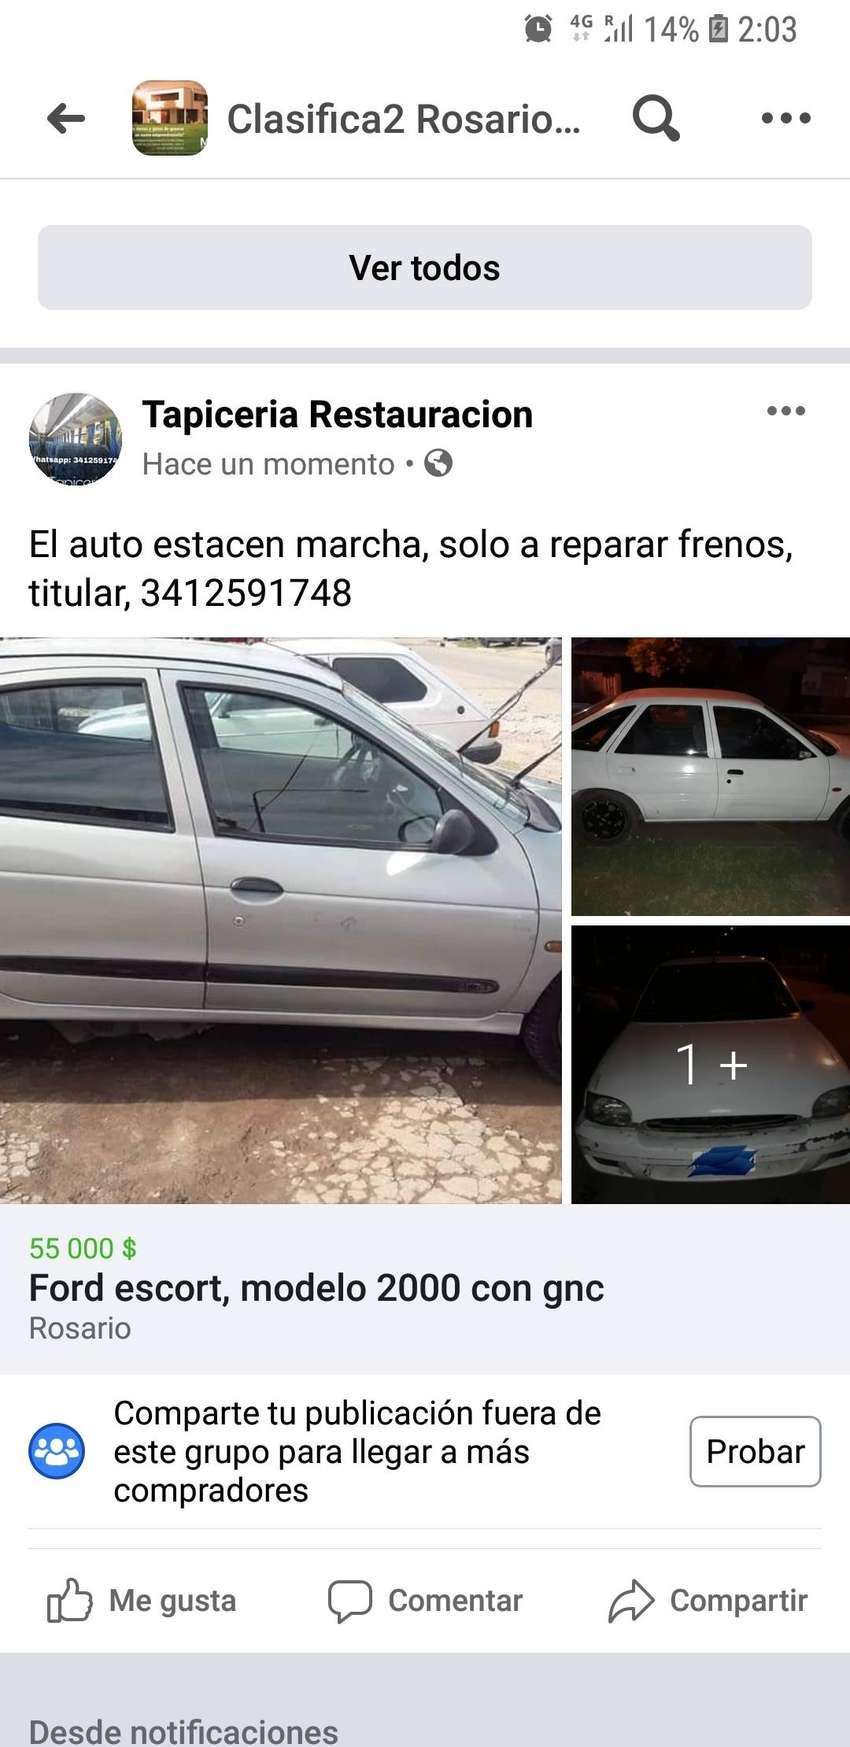 Ford escort md 2000 con gnc 0